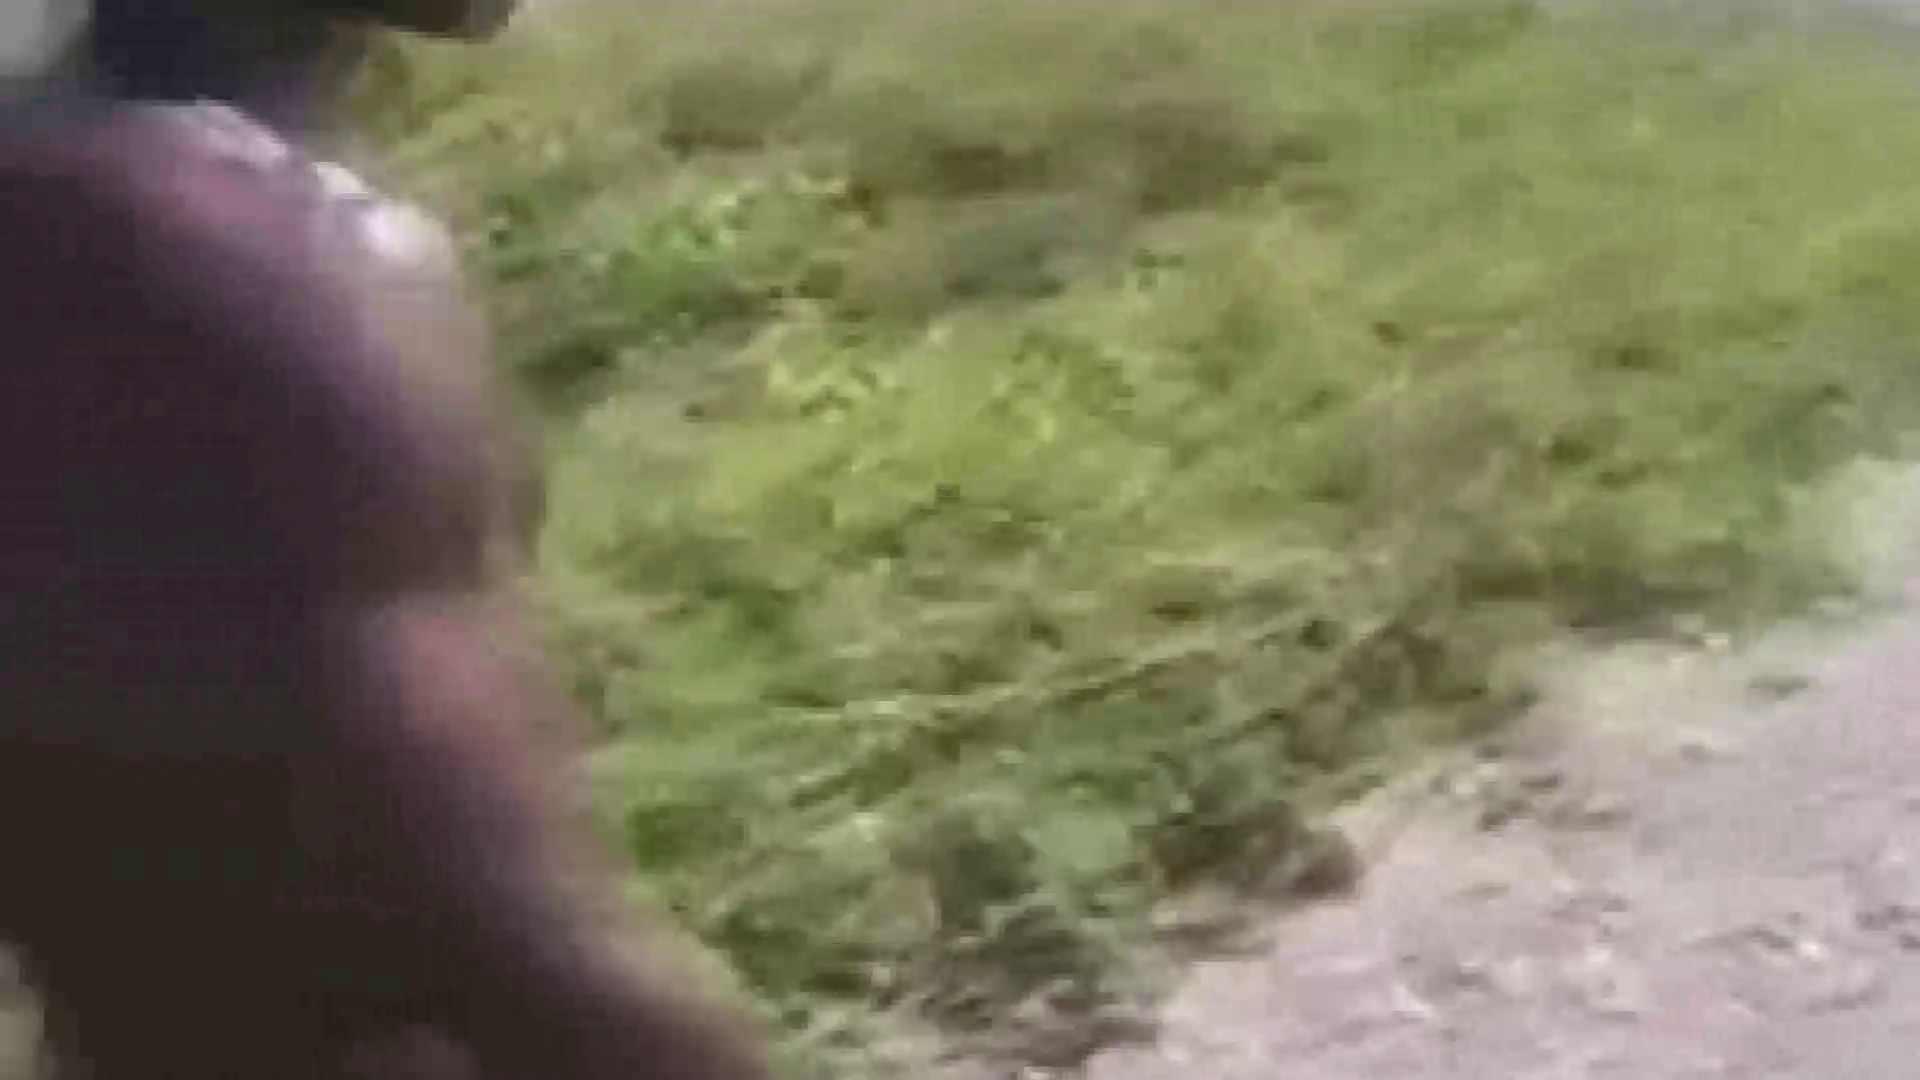 野生児 黒人のオナニー オナニー | 無修正 アダルトビデオ画像キャプチャ 109pic 105